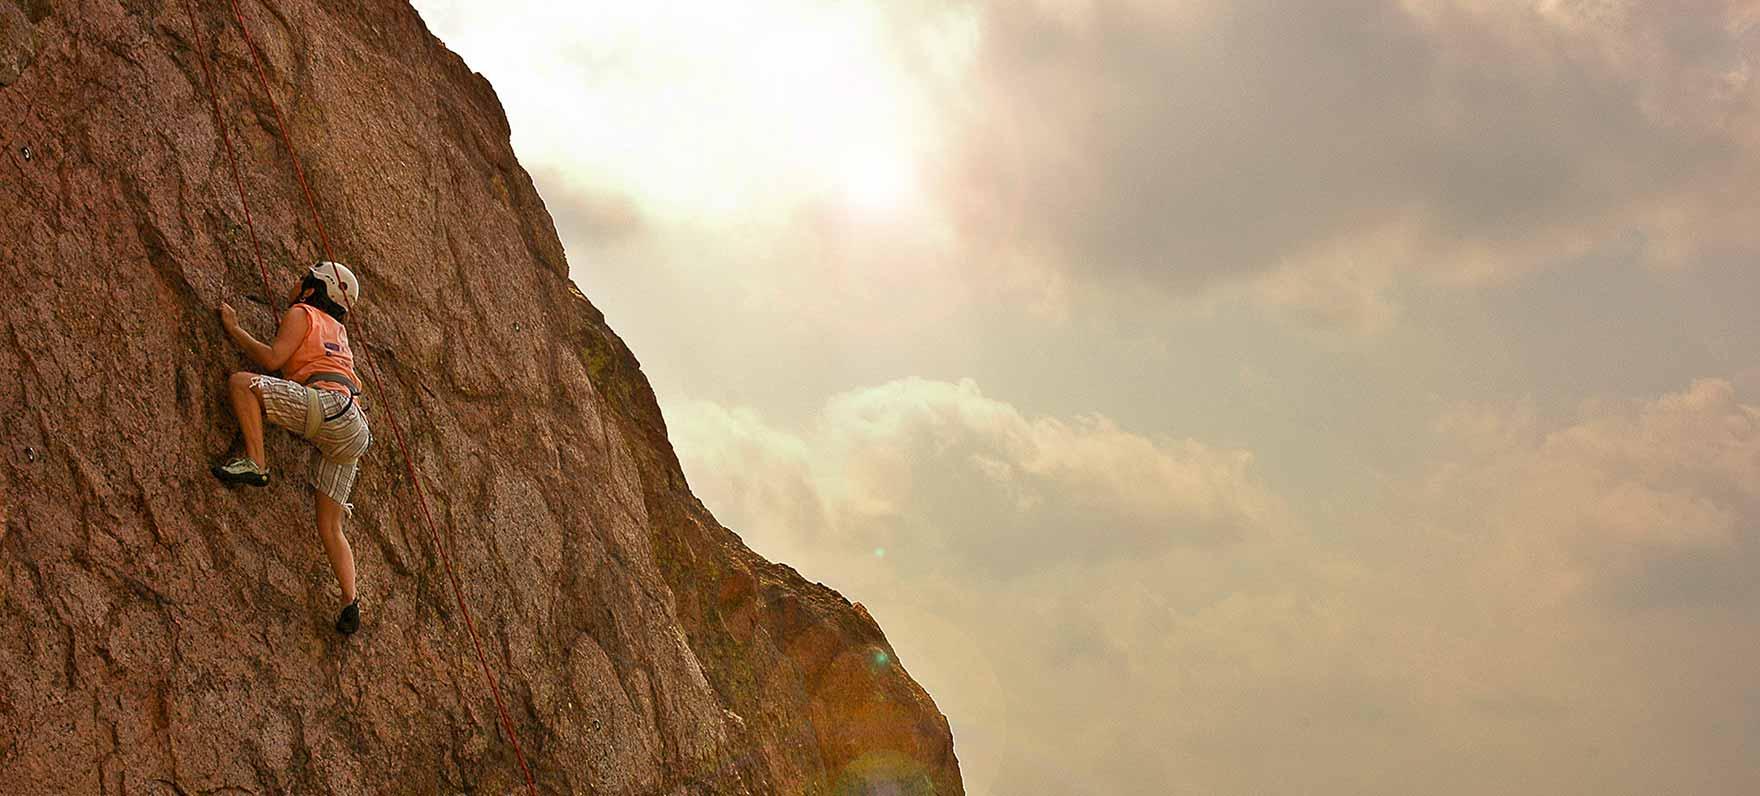 Rock climbing in Texas